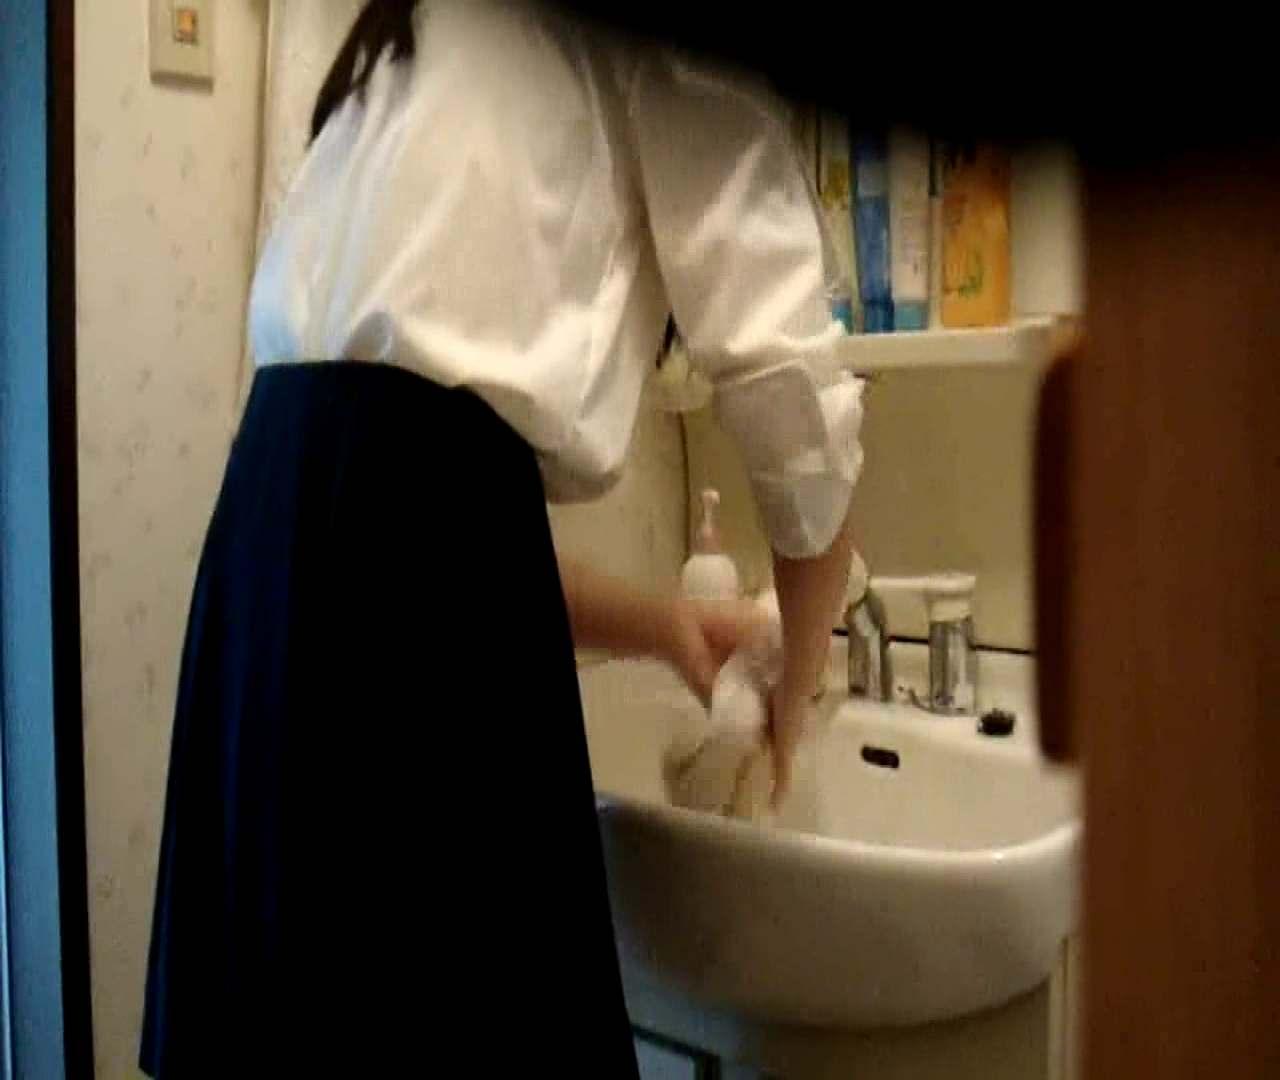 二人とも育てた甲斐がありました… vol.05 まどかが洗顔後にブラを洗濯 美しいOLの裸体  102pic 84